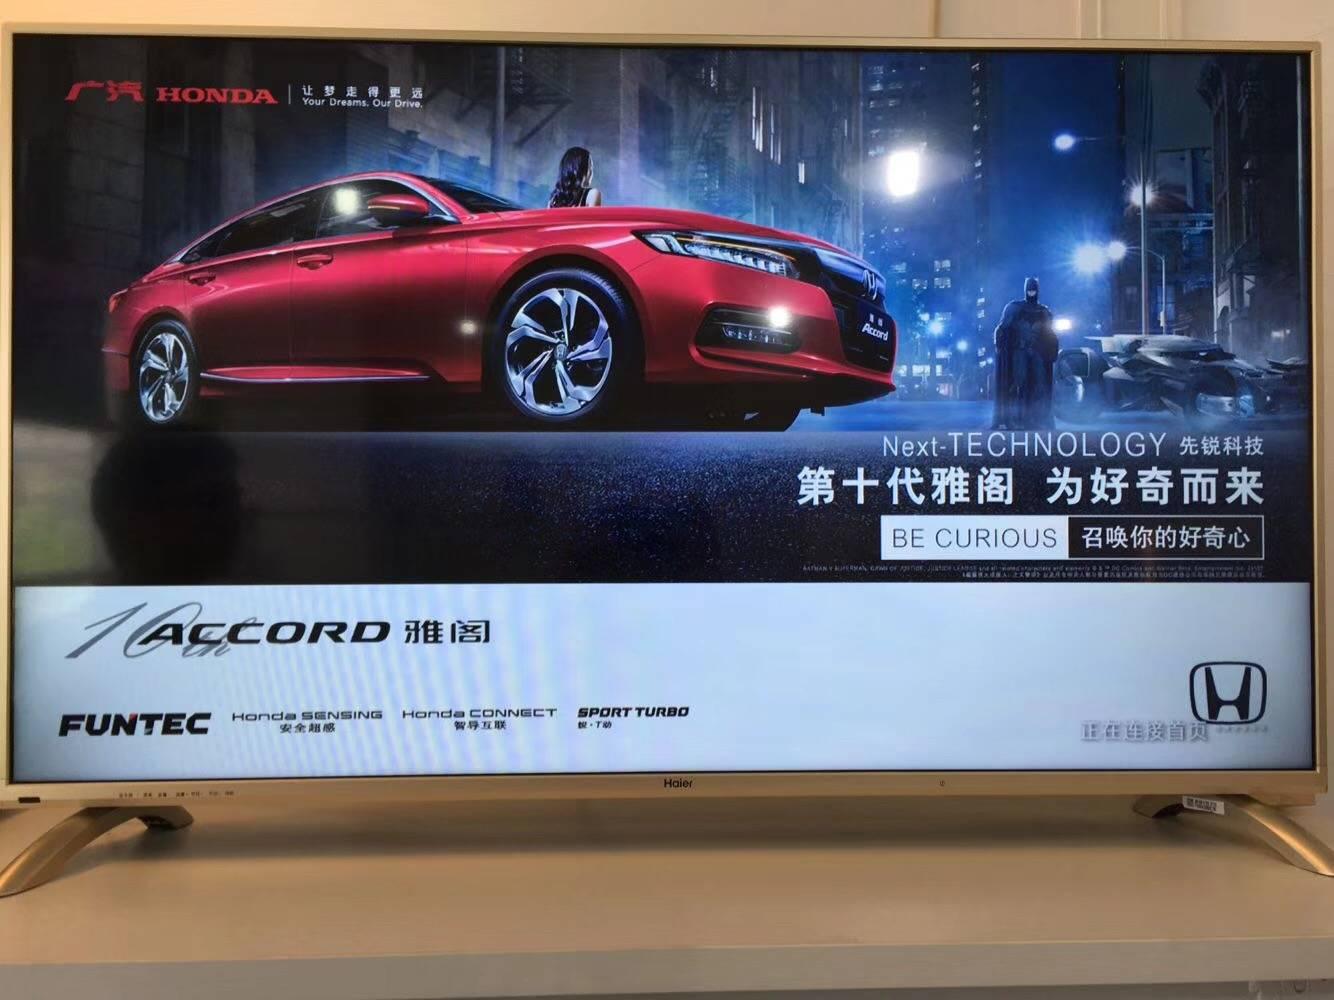 四川广电数字电视机顶盒开机广告